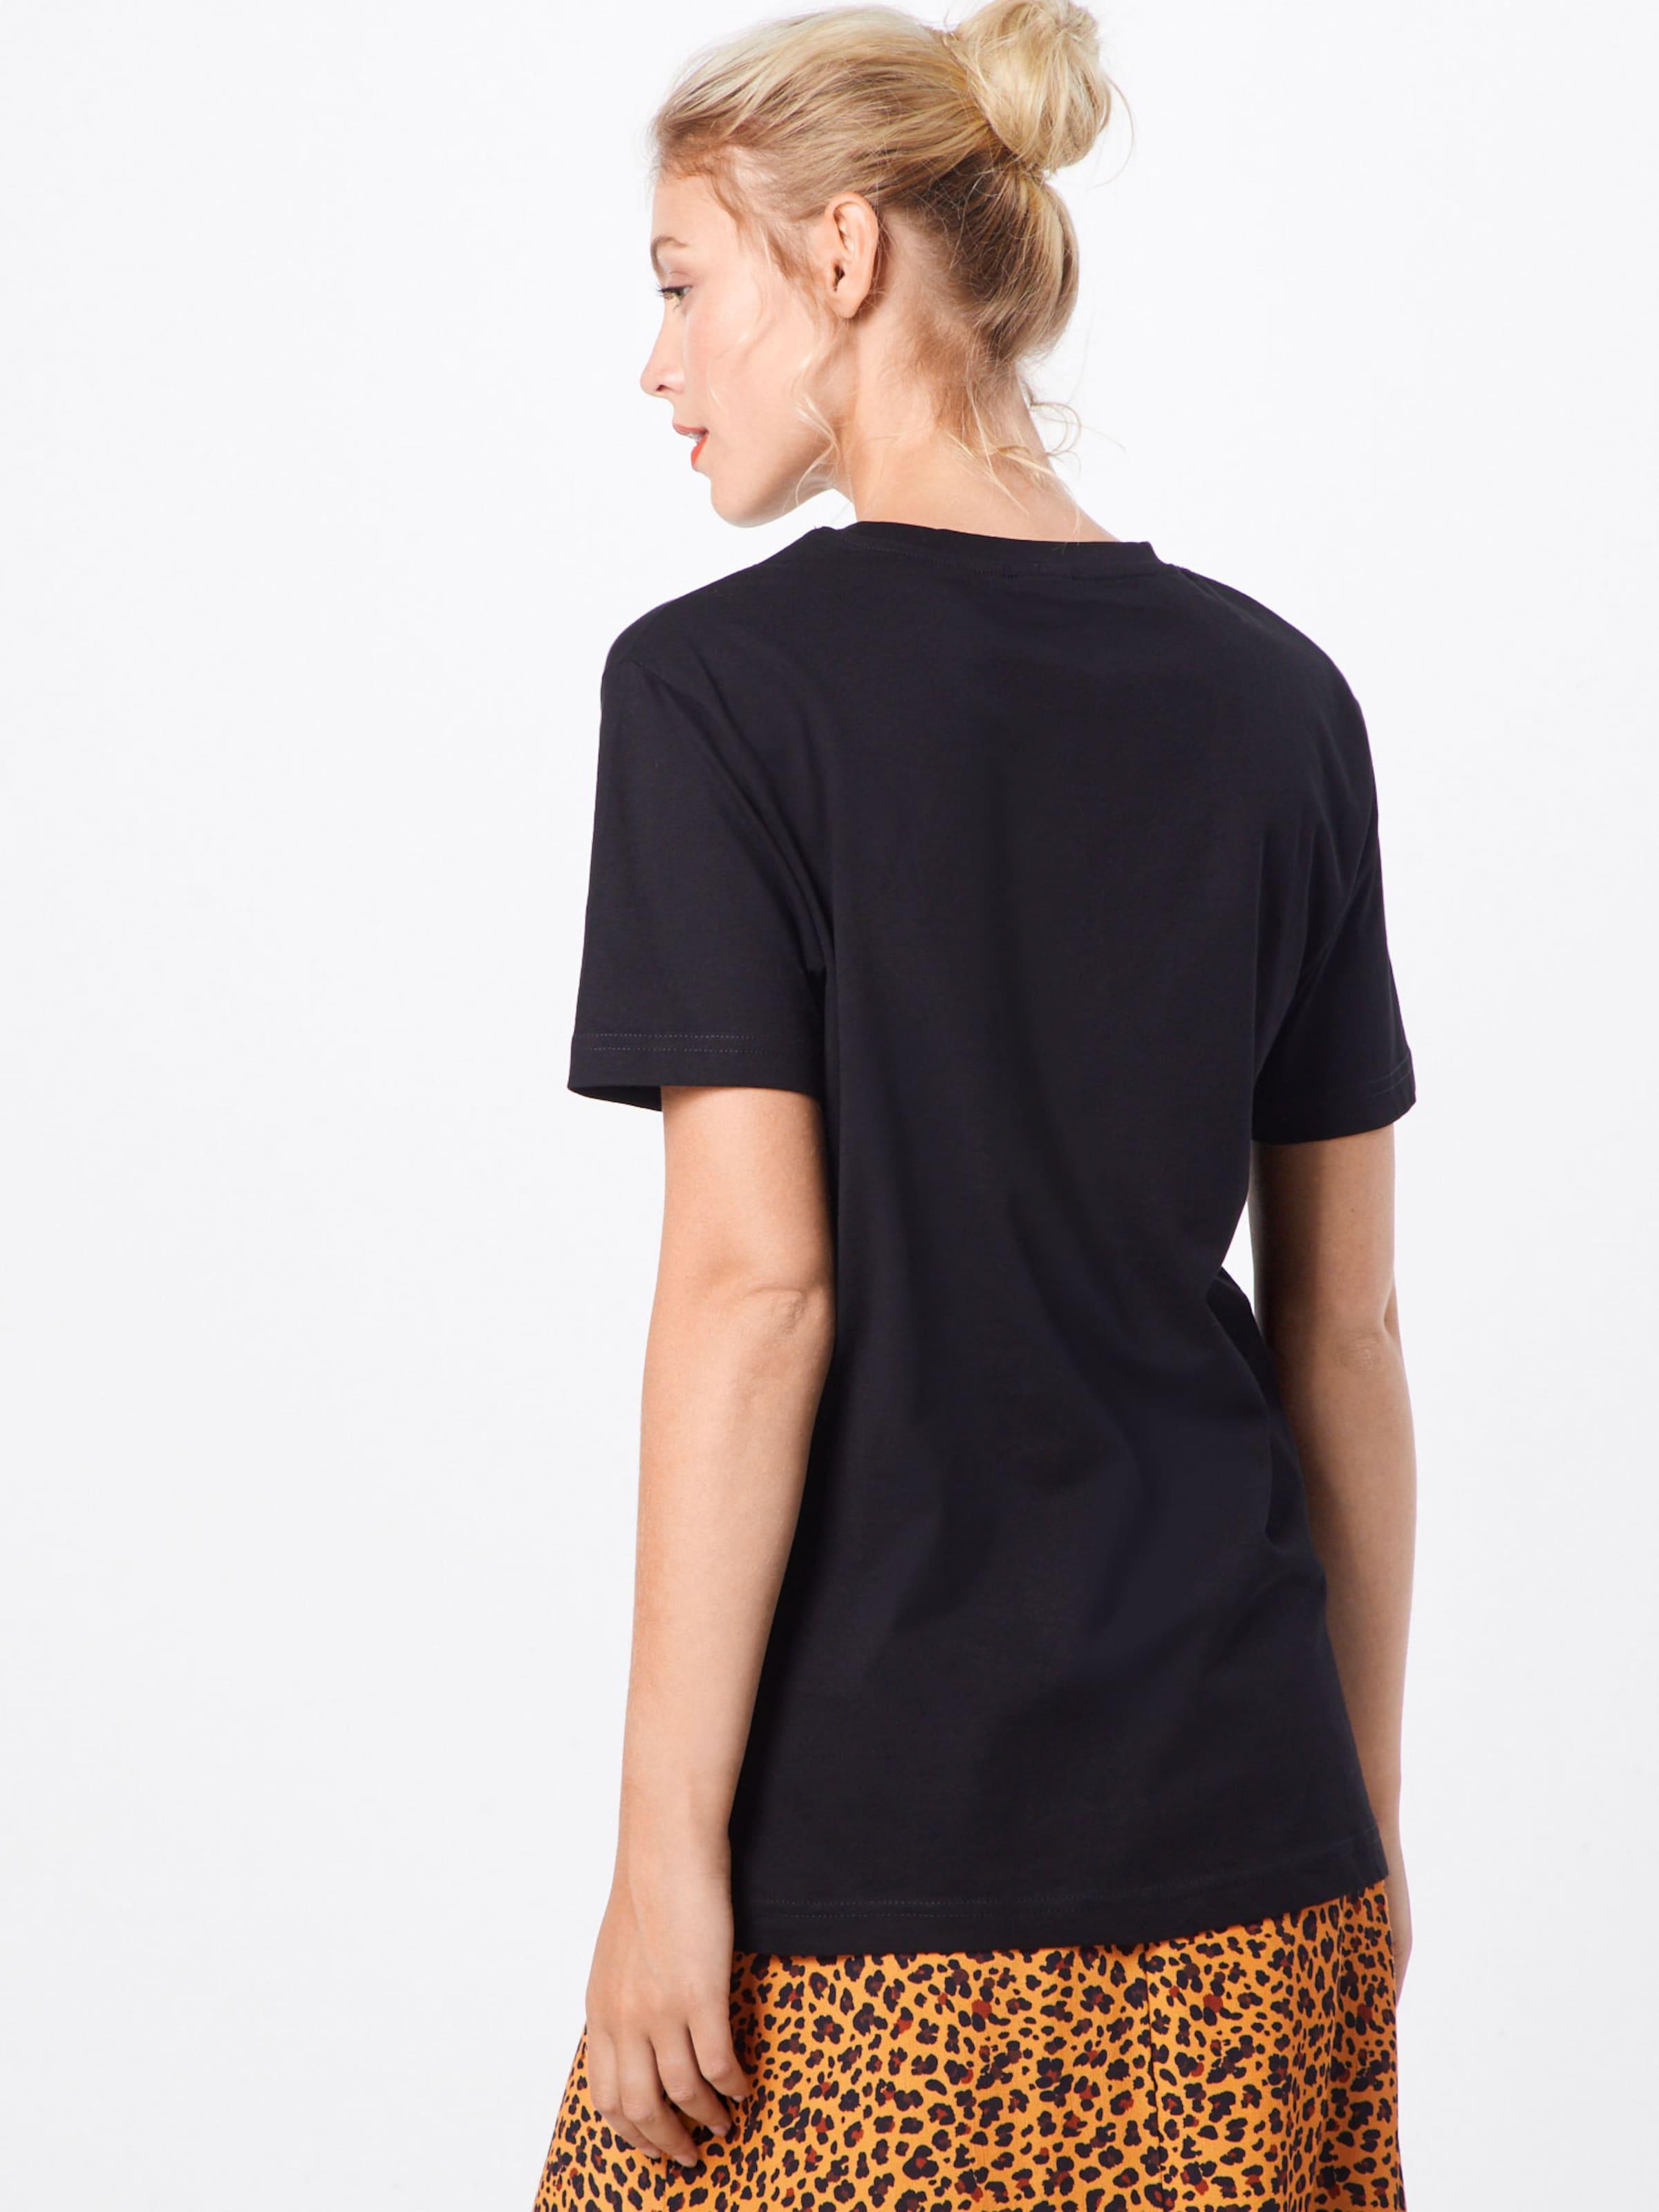 Shirt Merchcode In Merchcode 'egalite' MischfarbenSchwarz PN0wOknXZ8